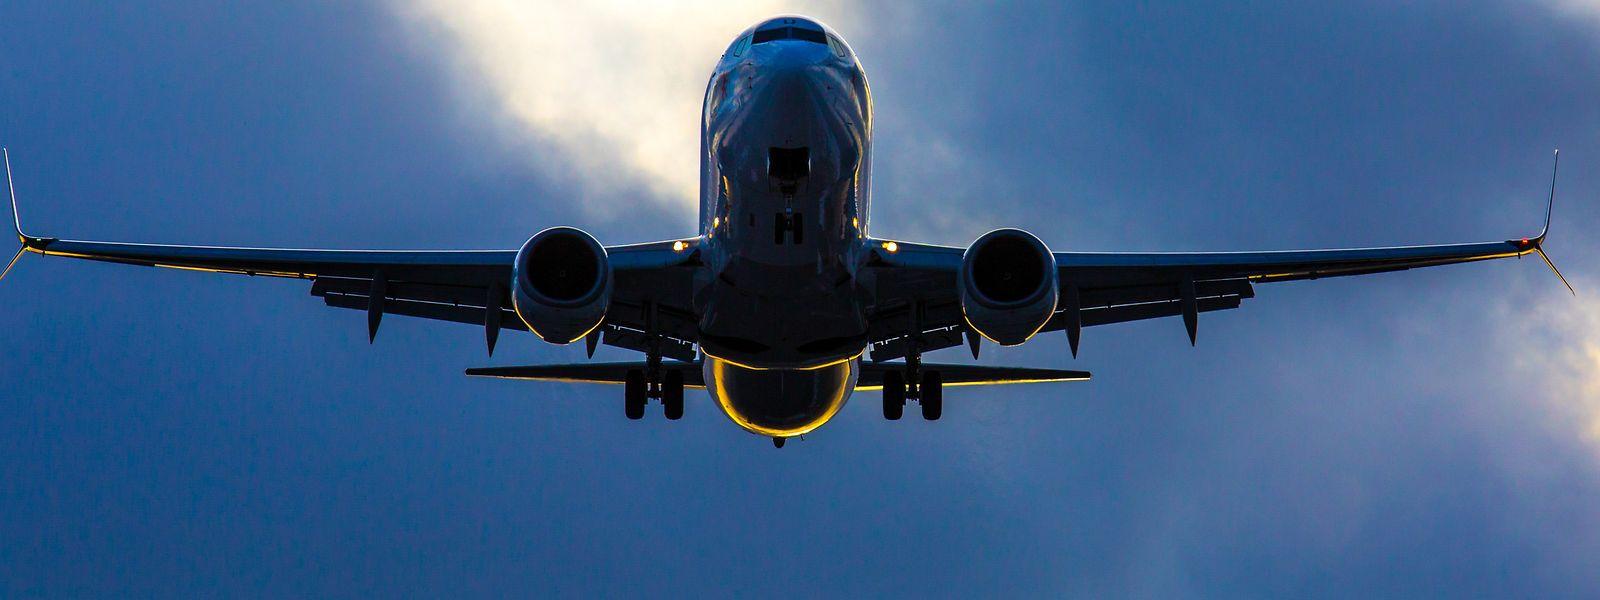 Die Zunahme bei den Nachtflügen ist vor allem auf den wachsenden Passagierluftverkehr am Findel zurückzuführen.